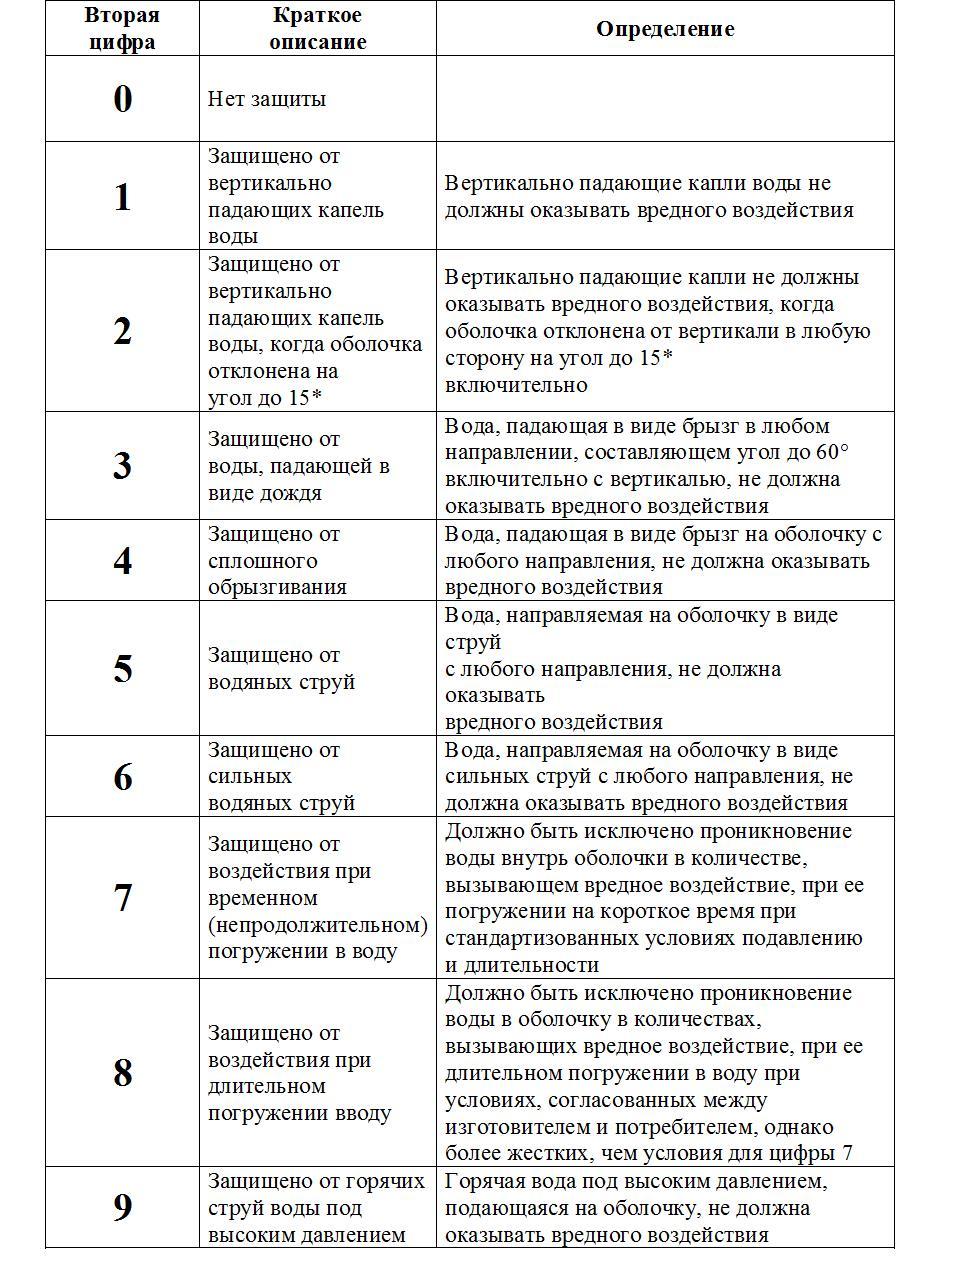 Степень защиты ip: расшифровка, таблица значений